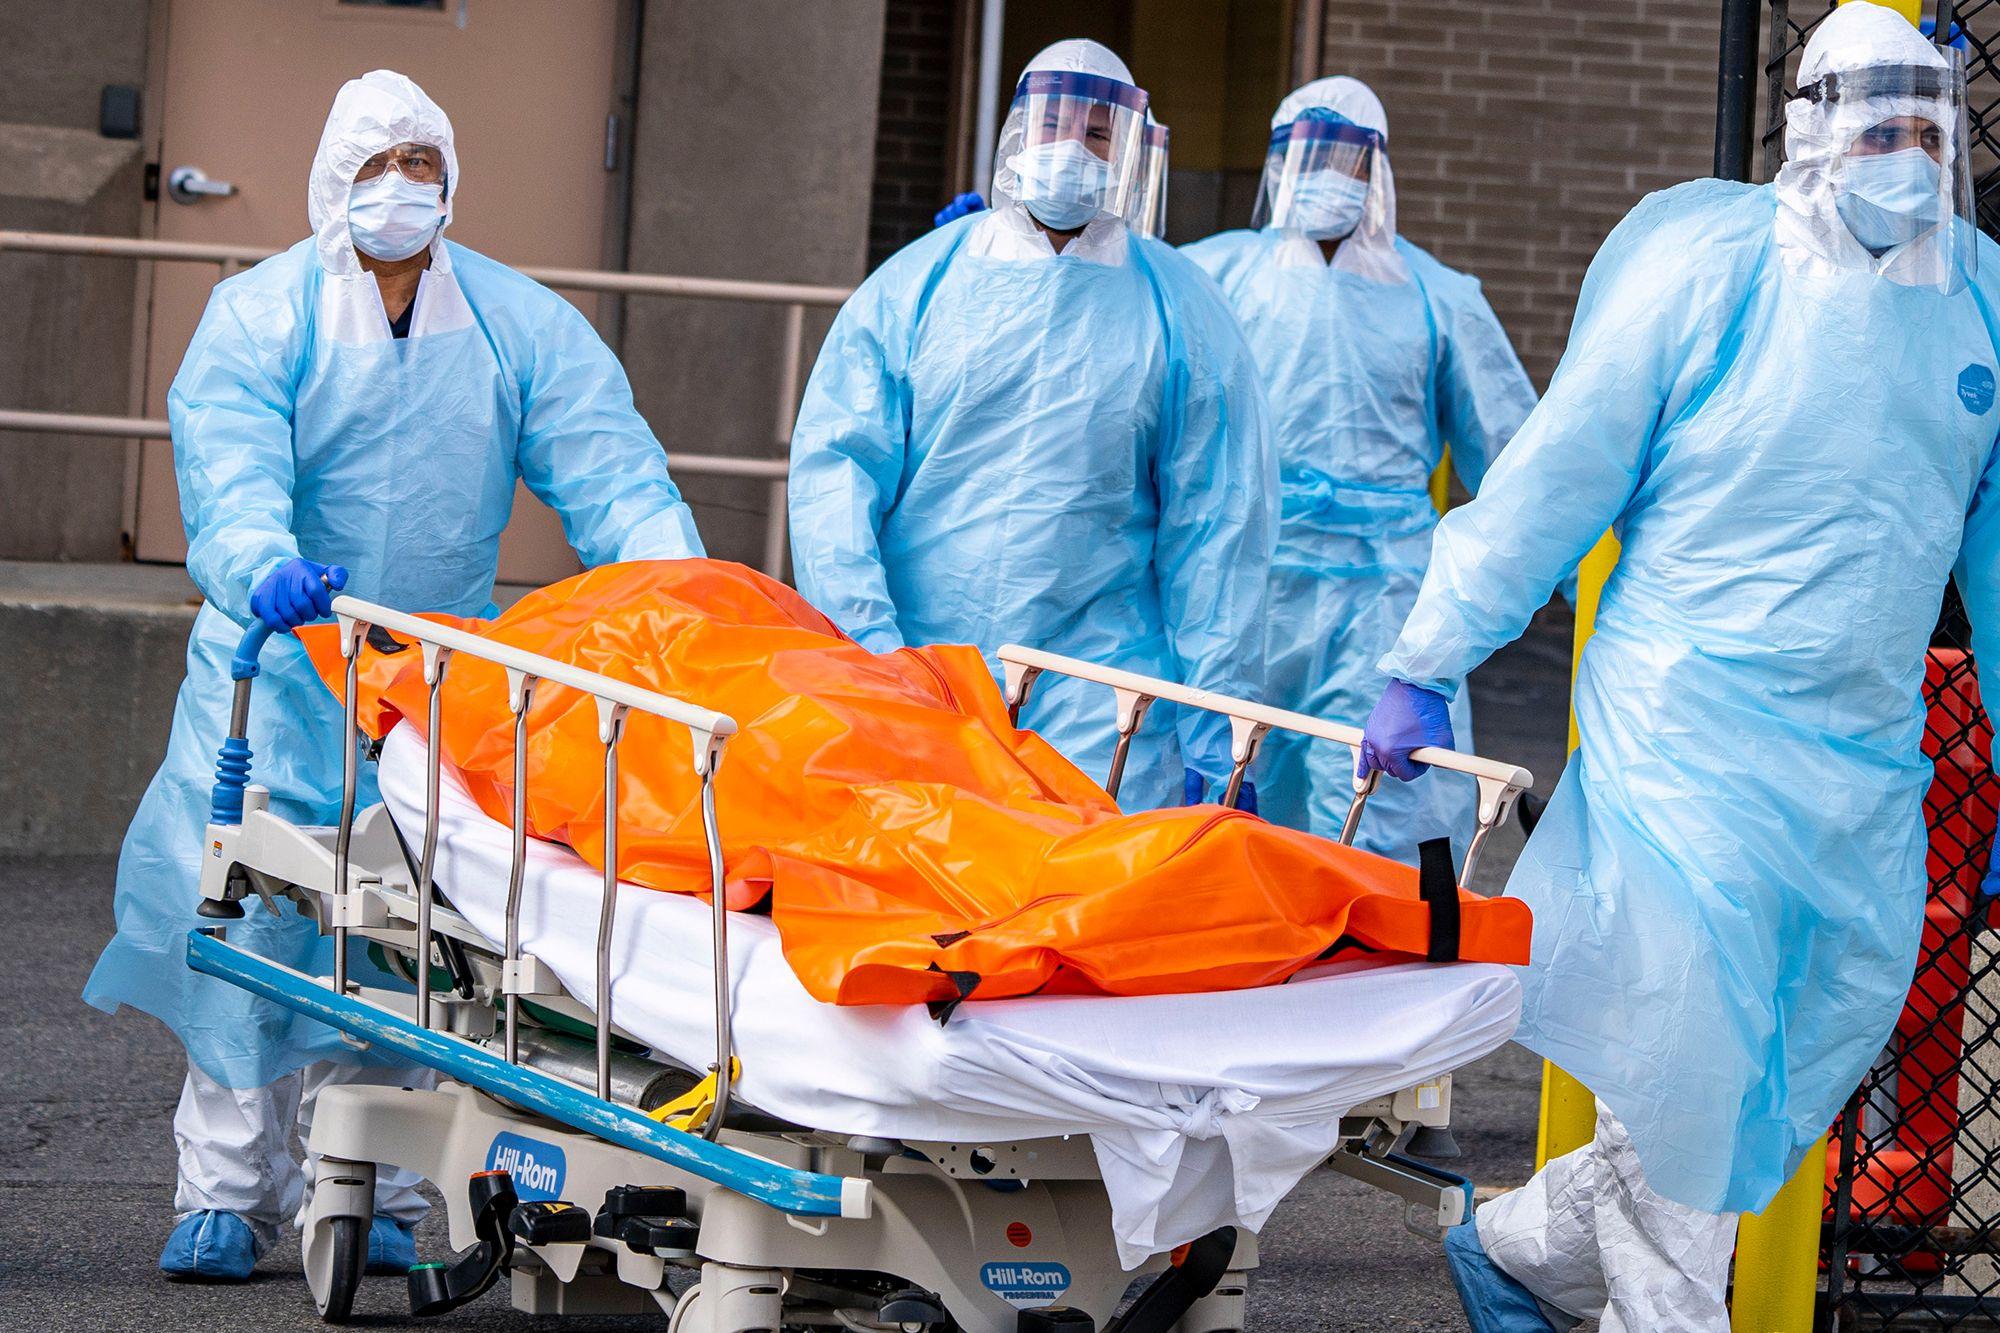 الصحة البرازيلية تسجل أكثر من 20 ألف إصابة جديدة بكورونا